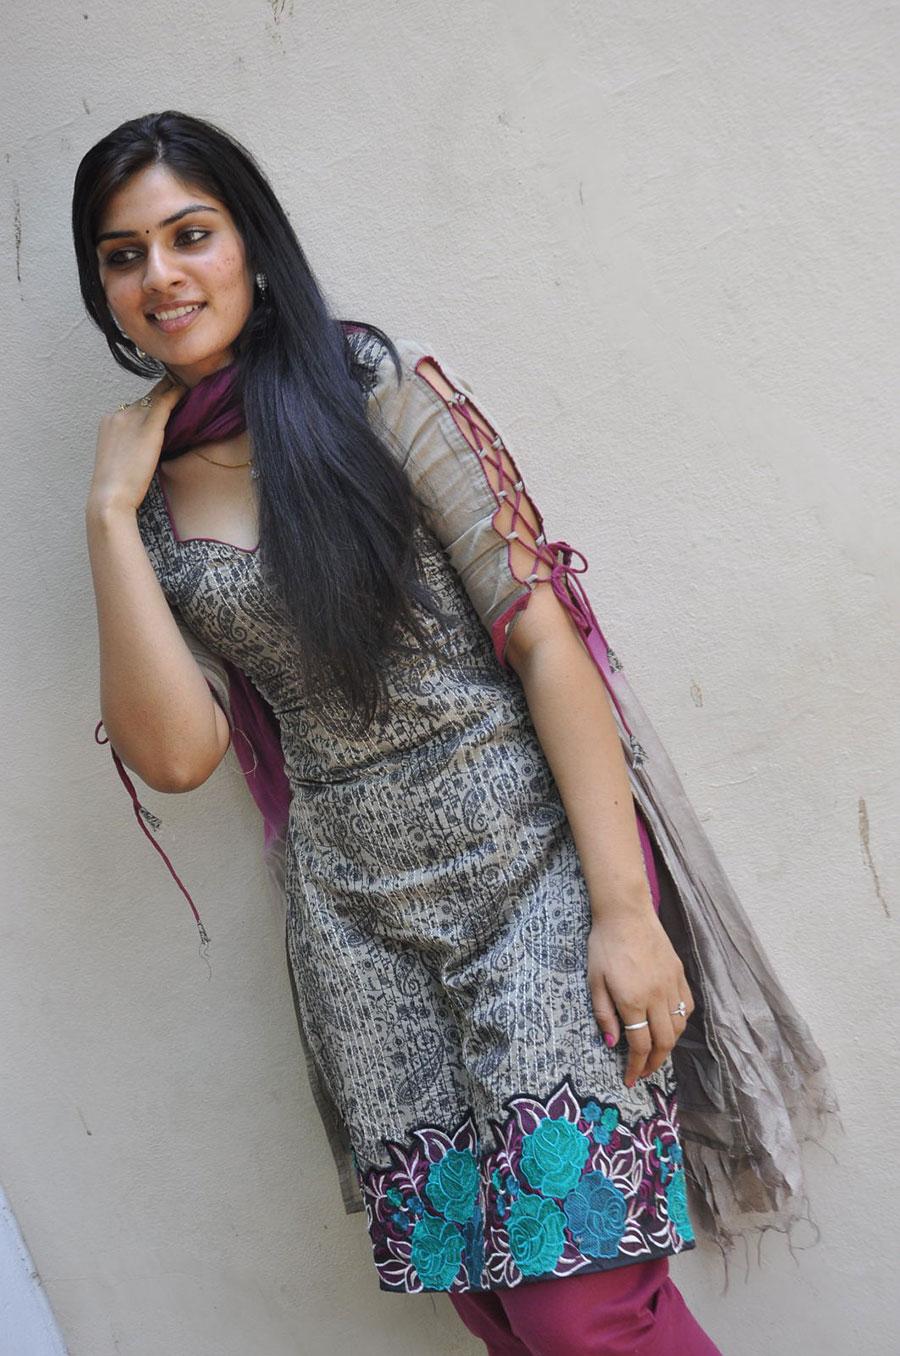 Rudhiram heroine fair lovely cute  deepsika photos in salwar kameez  at movie press meet looking gorgeous